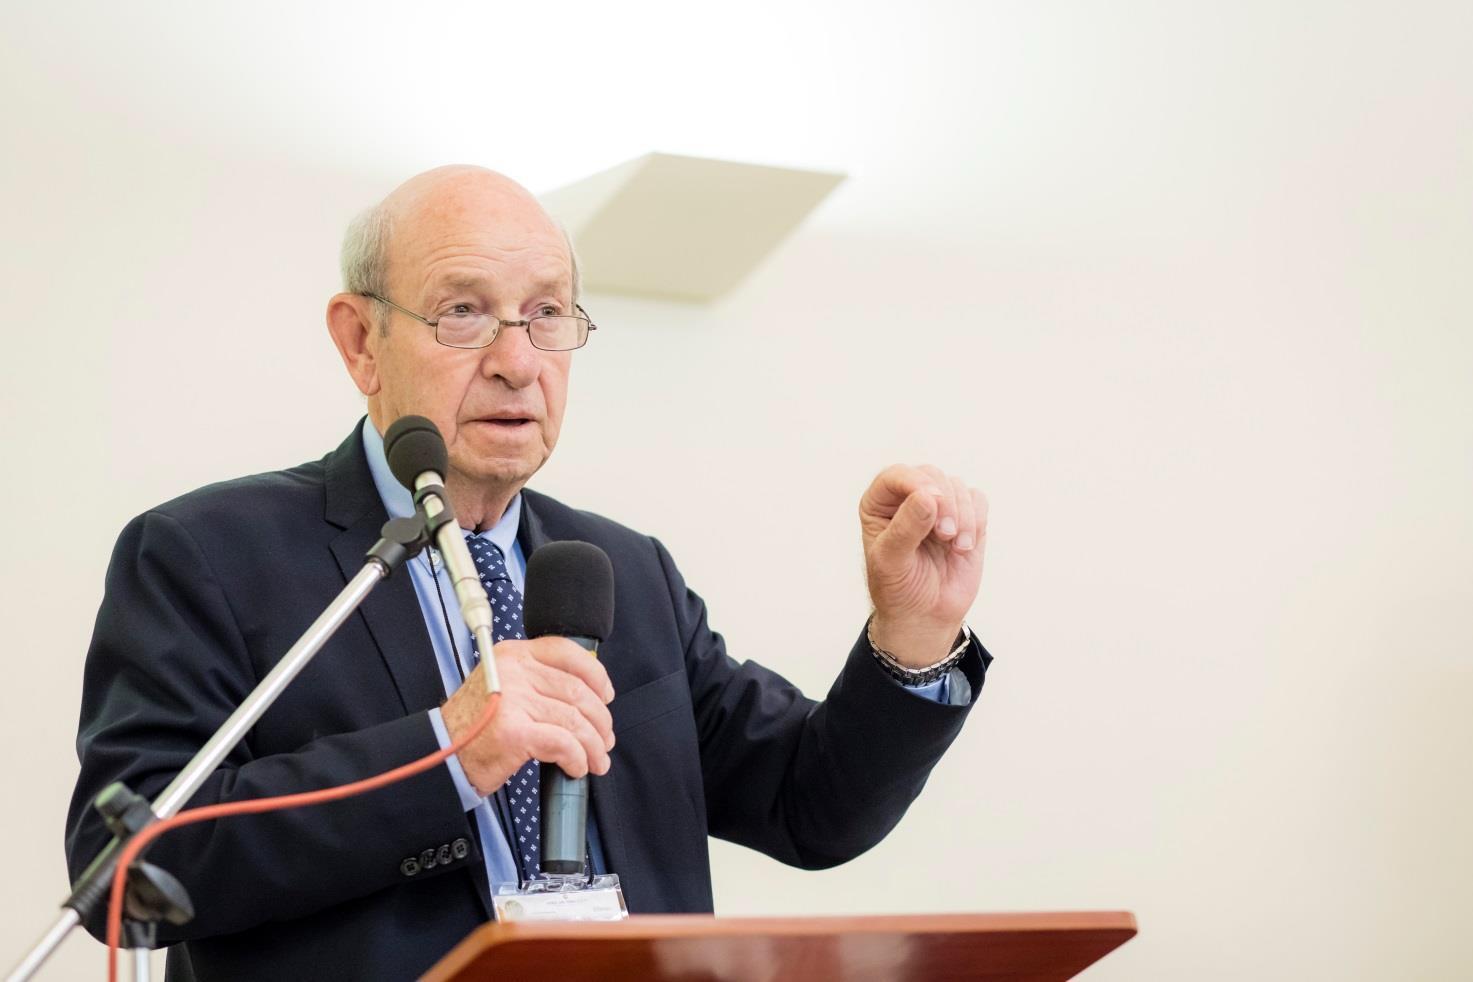 Banca San Francesco: l'assemblea dei soci approva il bilancio 2019 e rinnova le cariche sociali